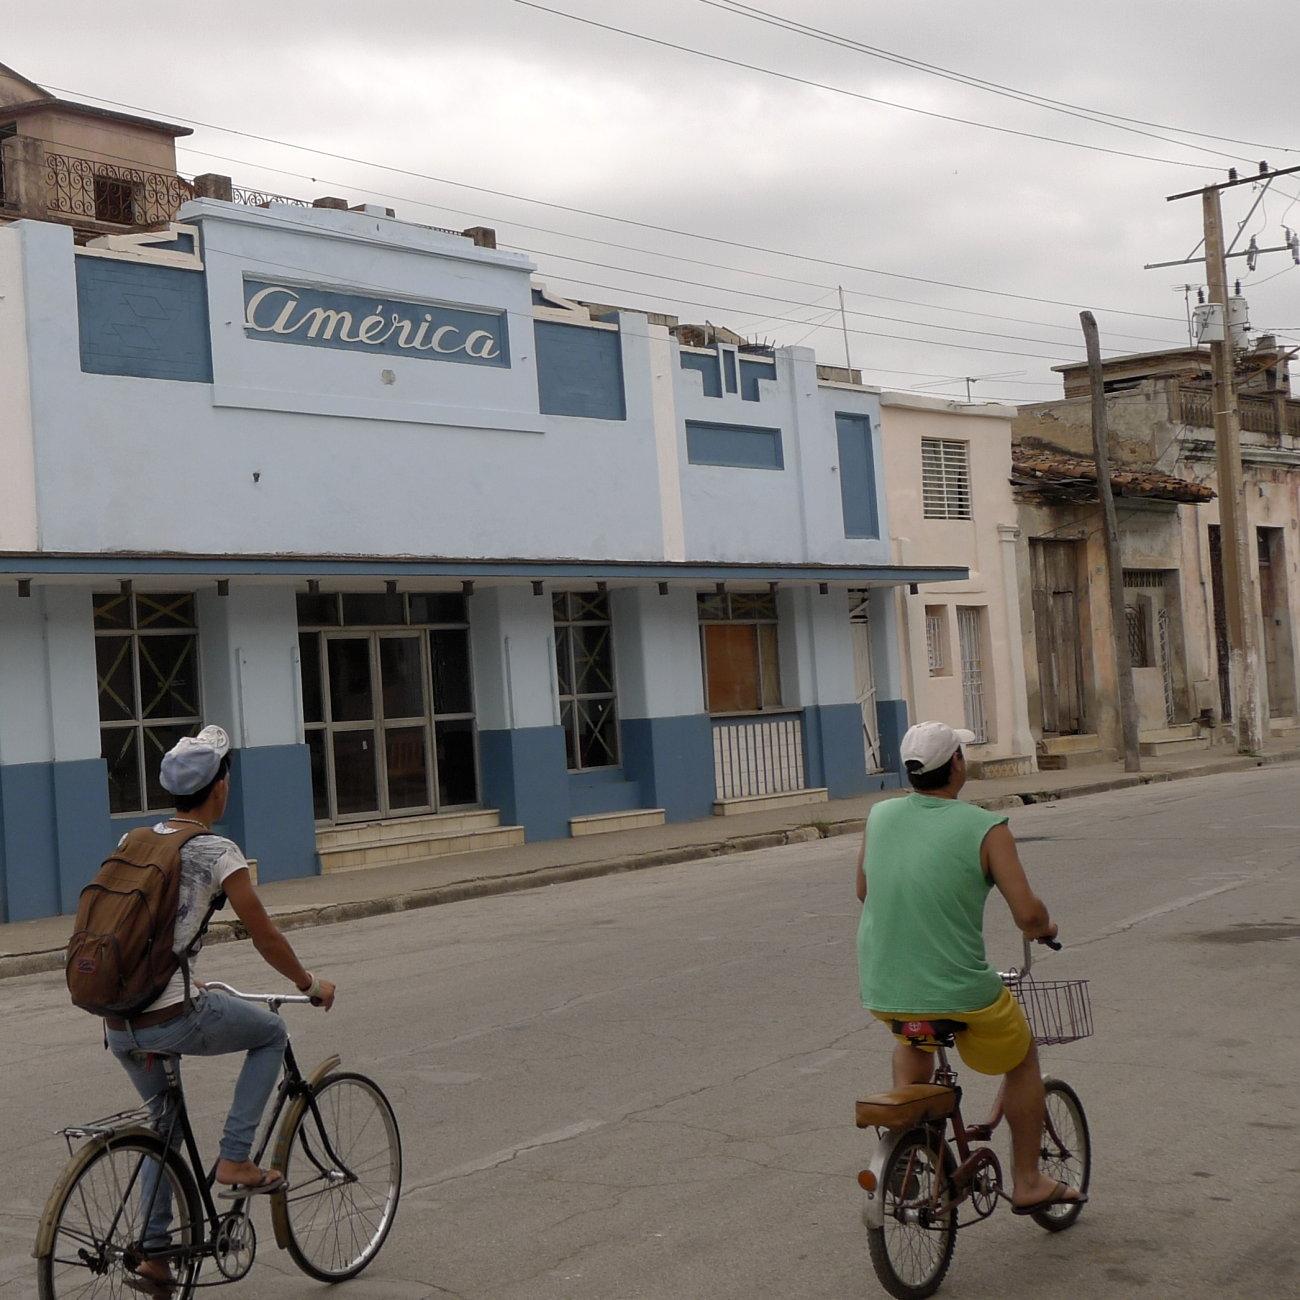 Fahrdfahrer, Haus mit Aufschrift America, Camagüey